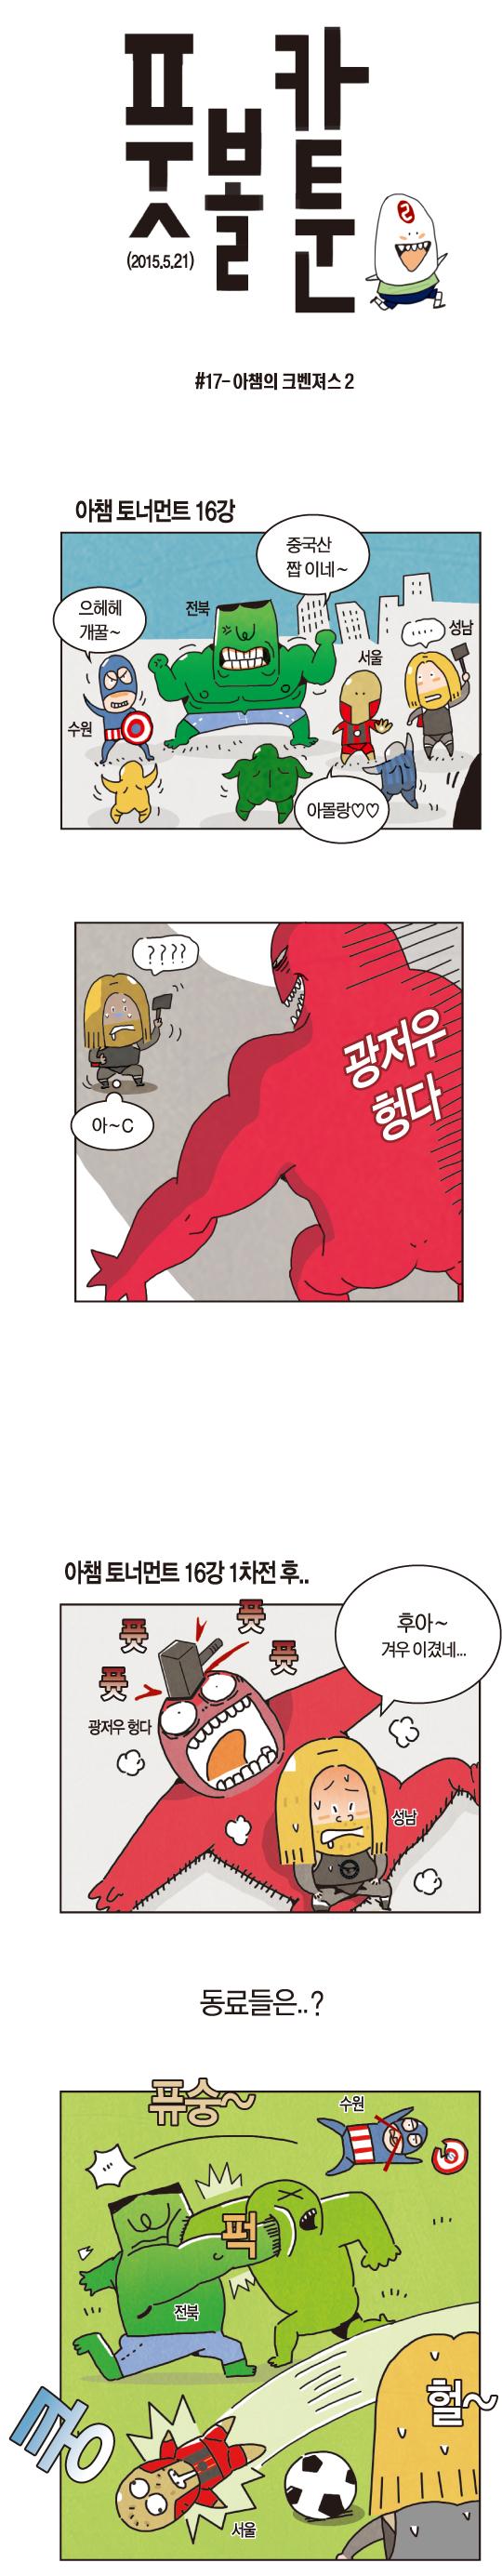 [전진이의 풋볼카툰]#17-아챔의 크벤져스2 기사의 사진